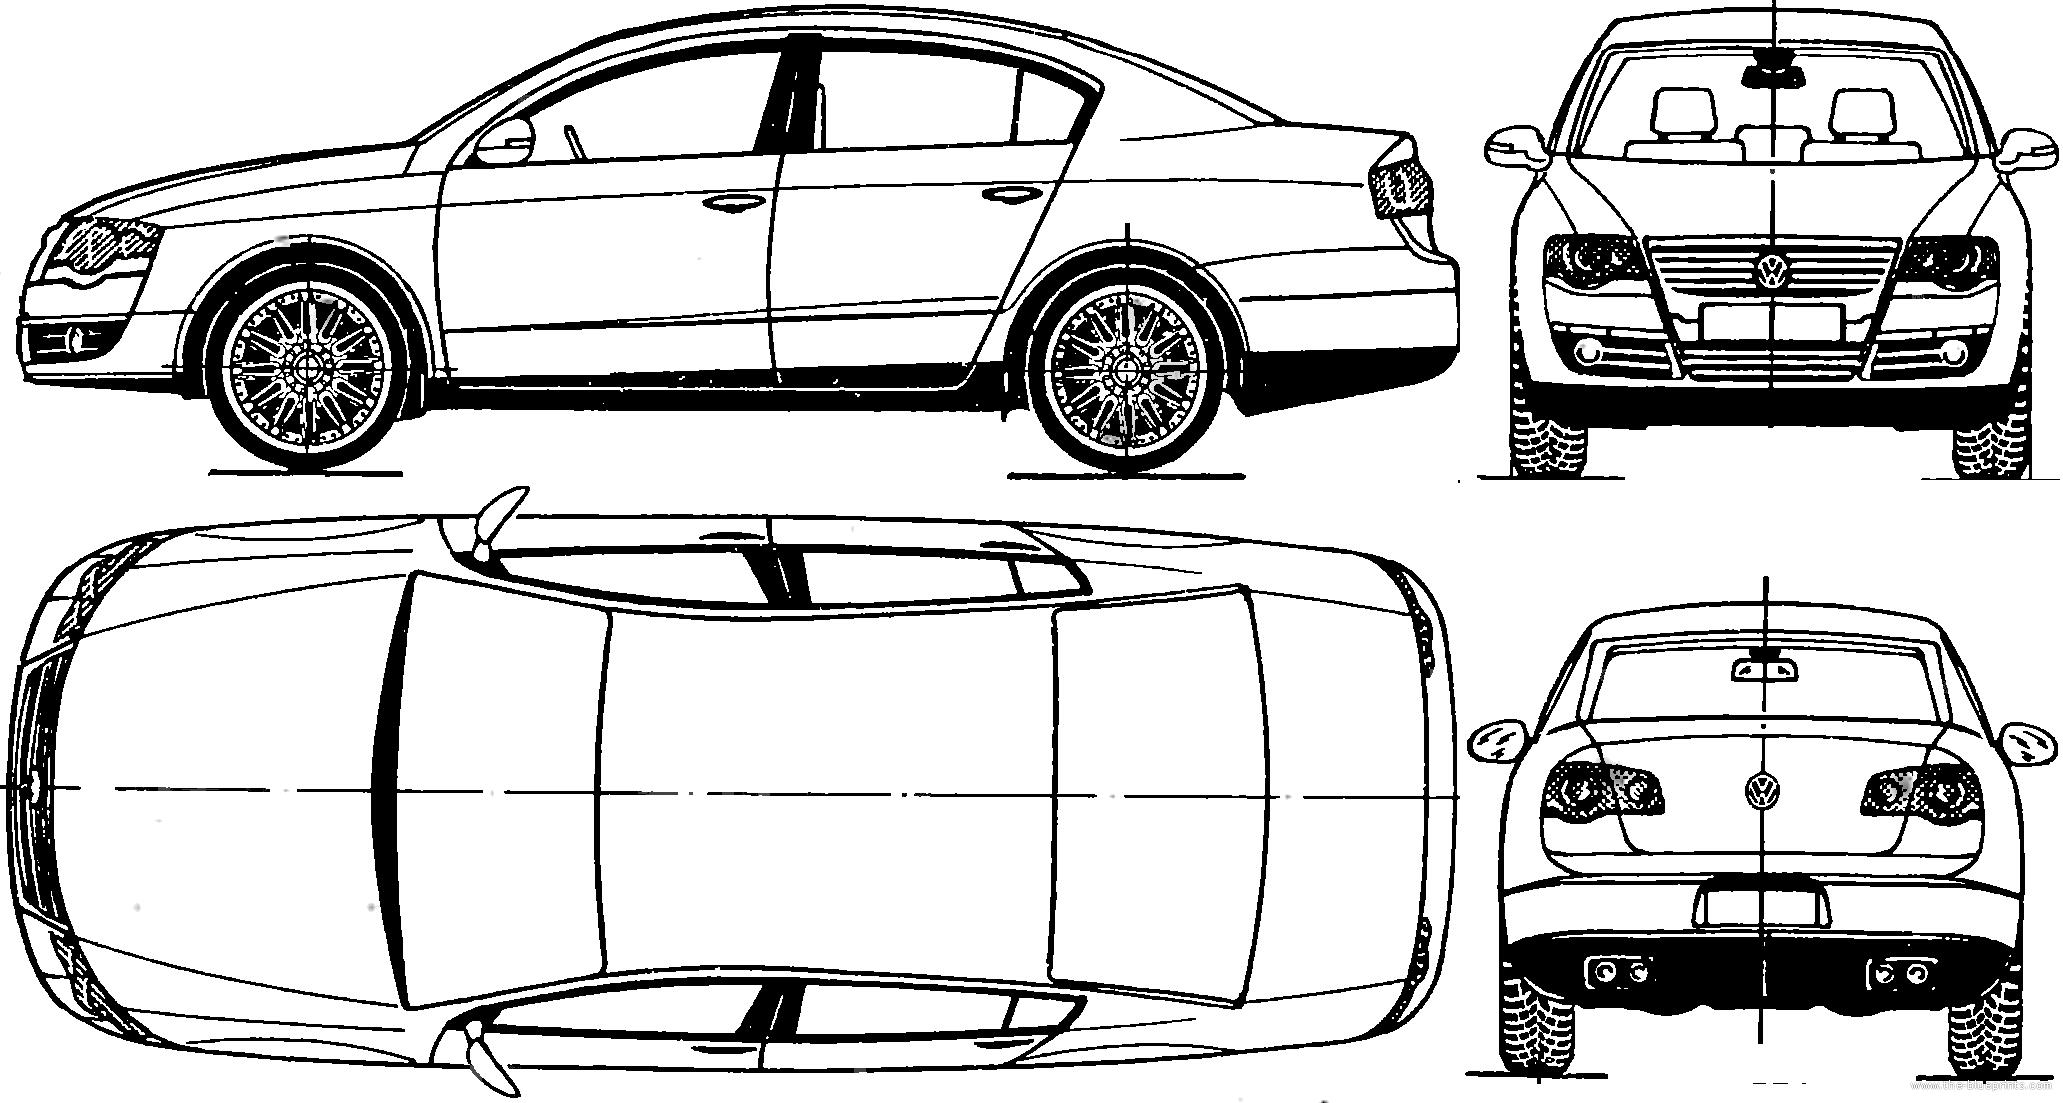 Blueprints Gt Cars Gt Volkswagen Gt Volkswagen Passat 2005